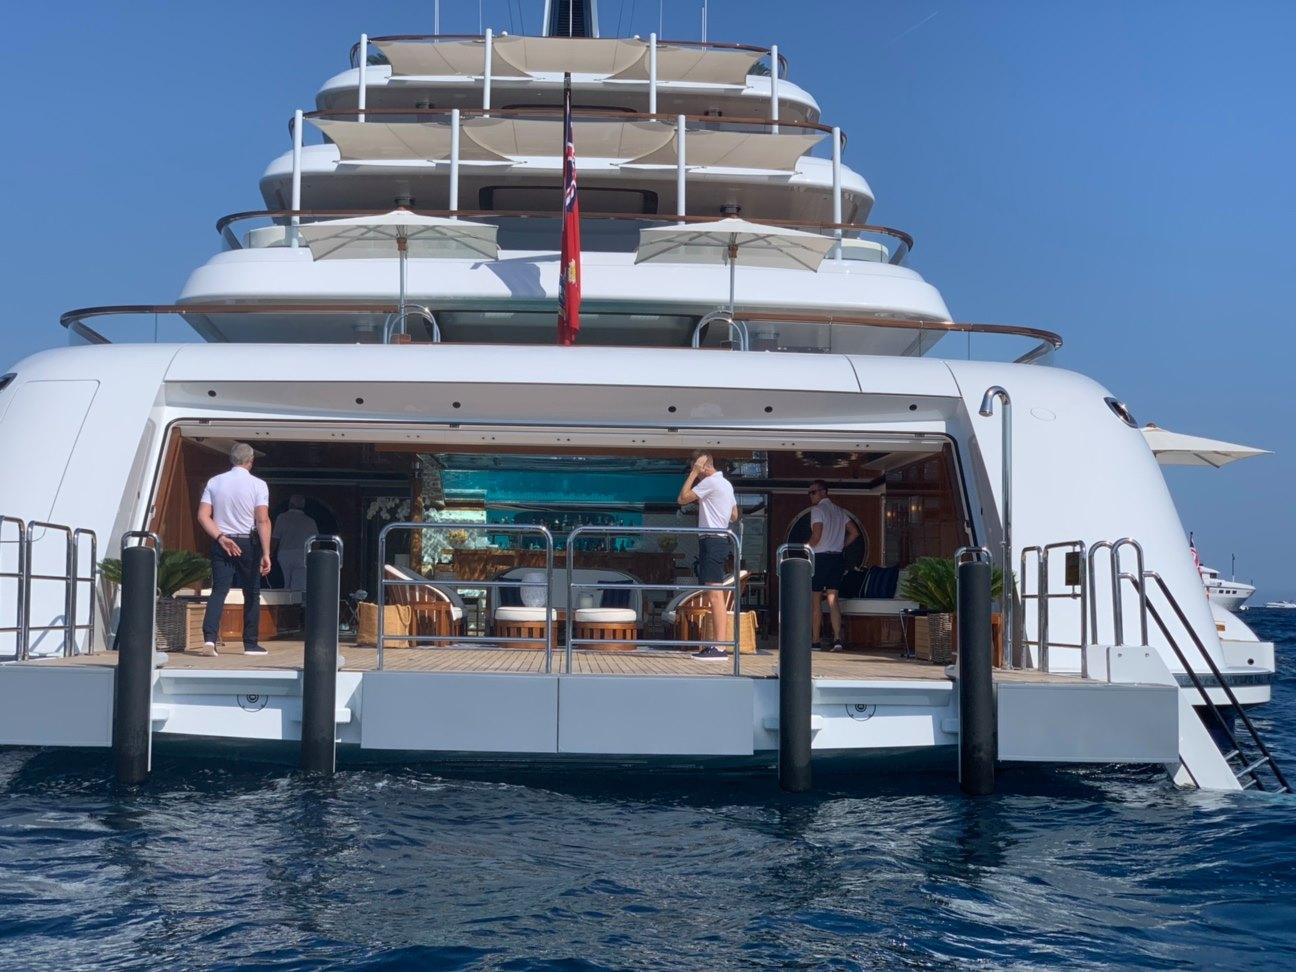 Canadian billionaire's 96m superyacht Faith spotted in Sardinia - Yacht  Harbour